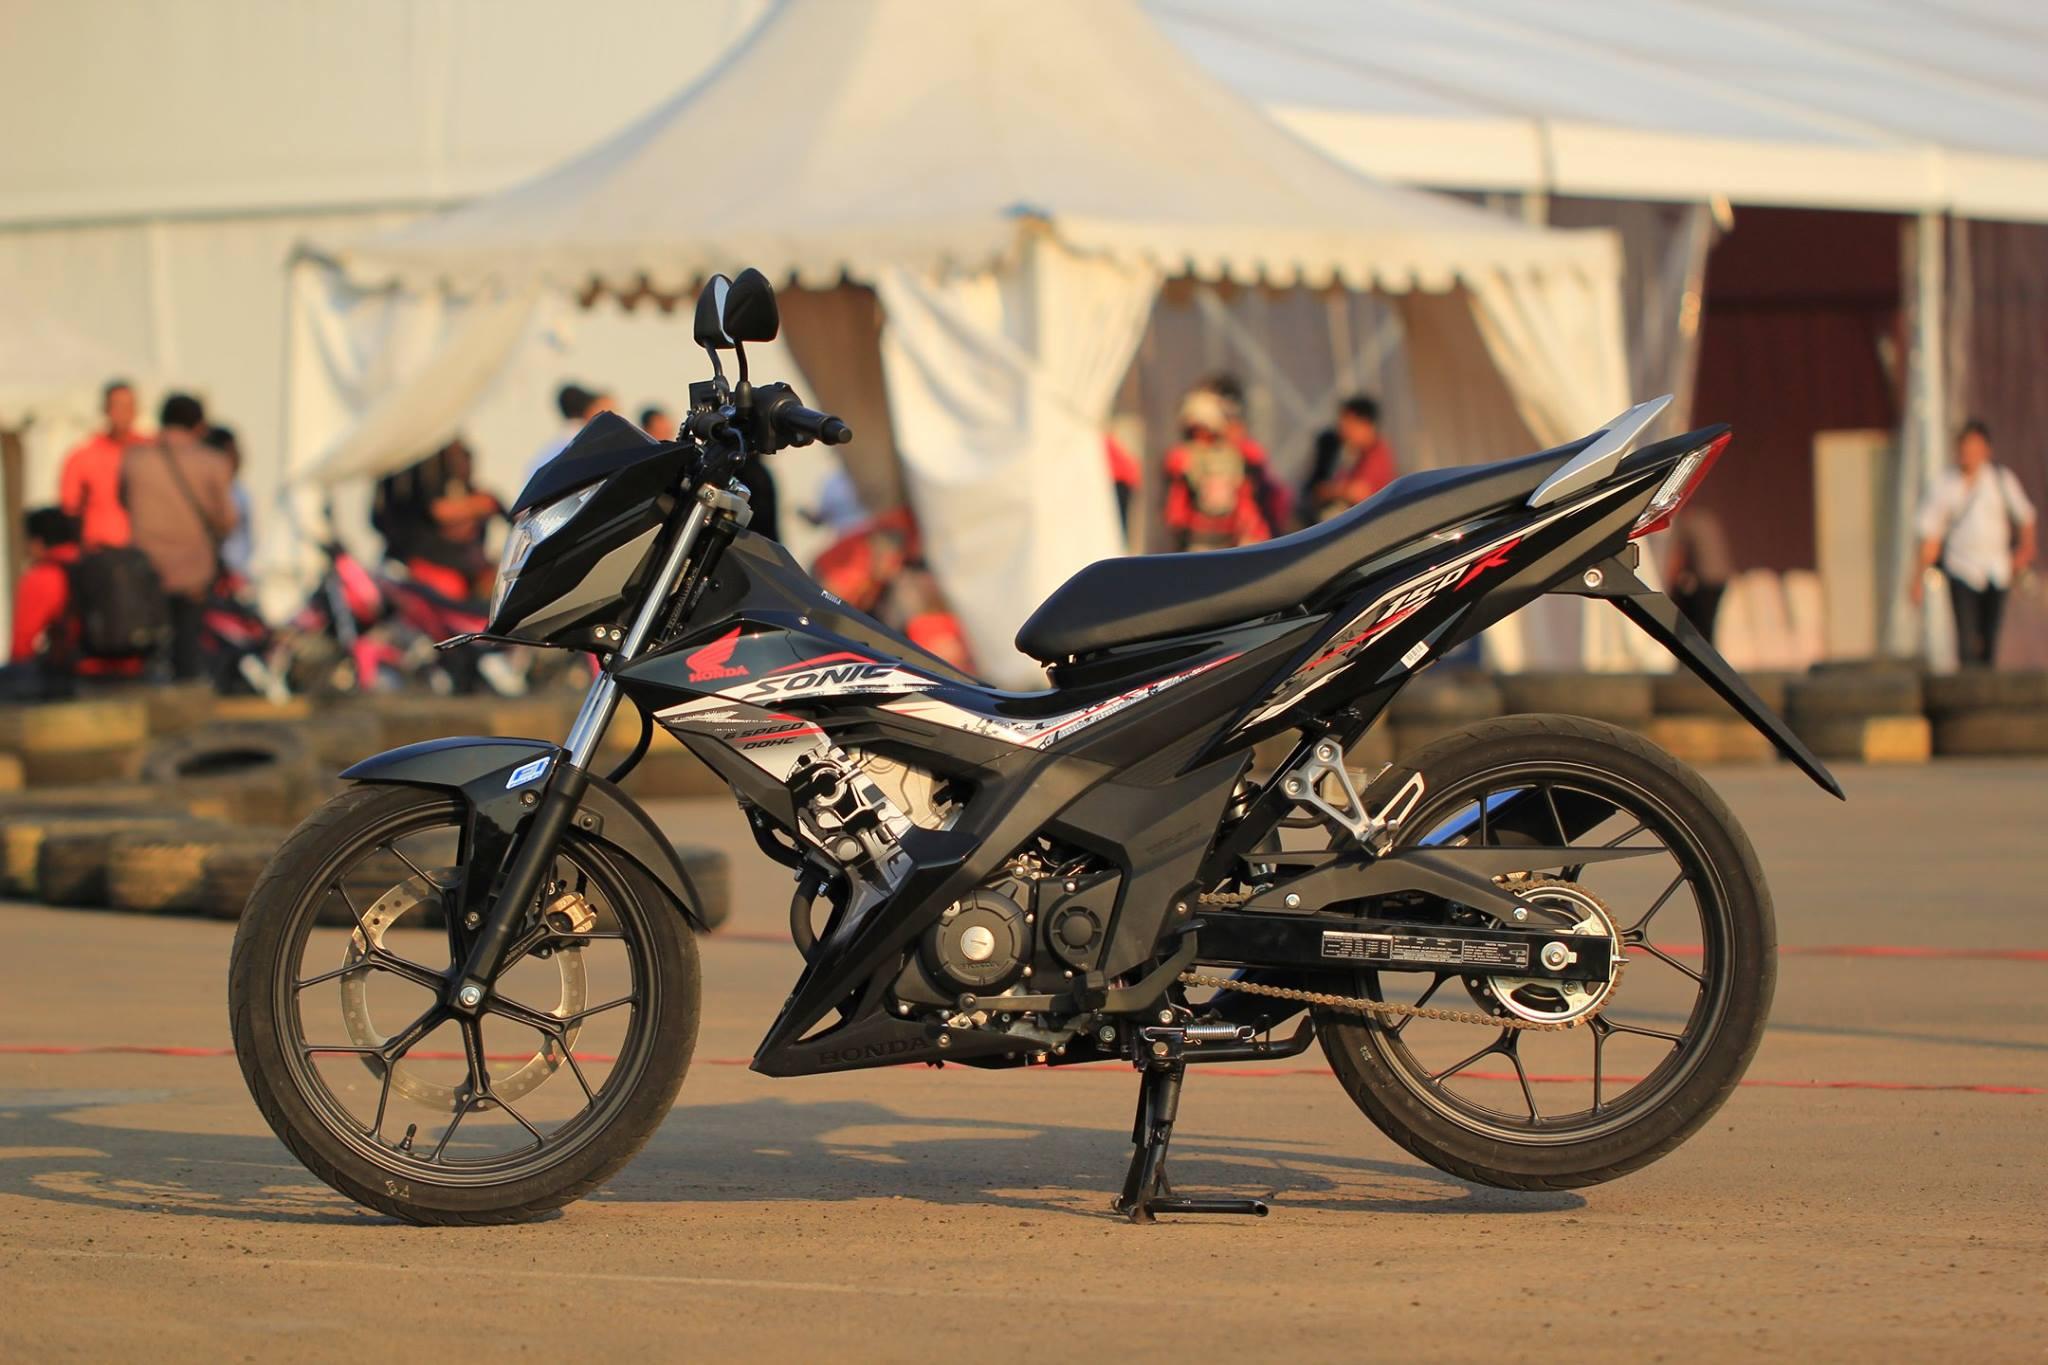 Harga Honda Sonic 150R Rp 209 Jutaan Berikut Galeri Foto Lengkap